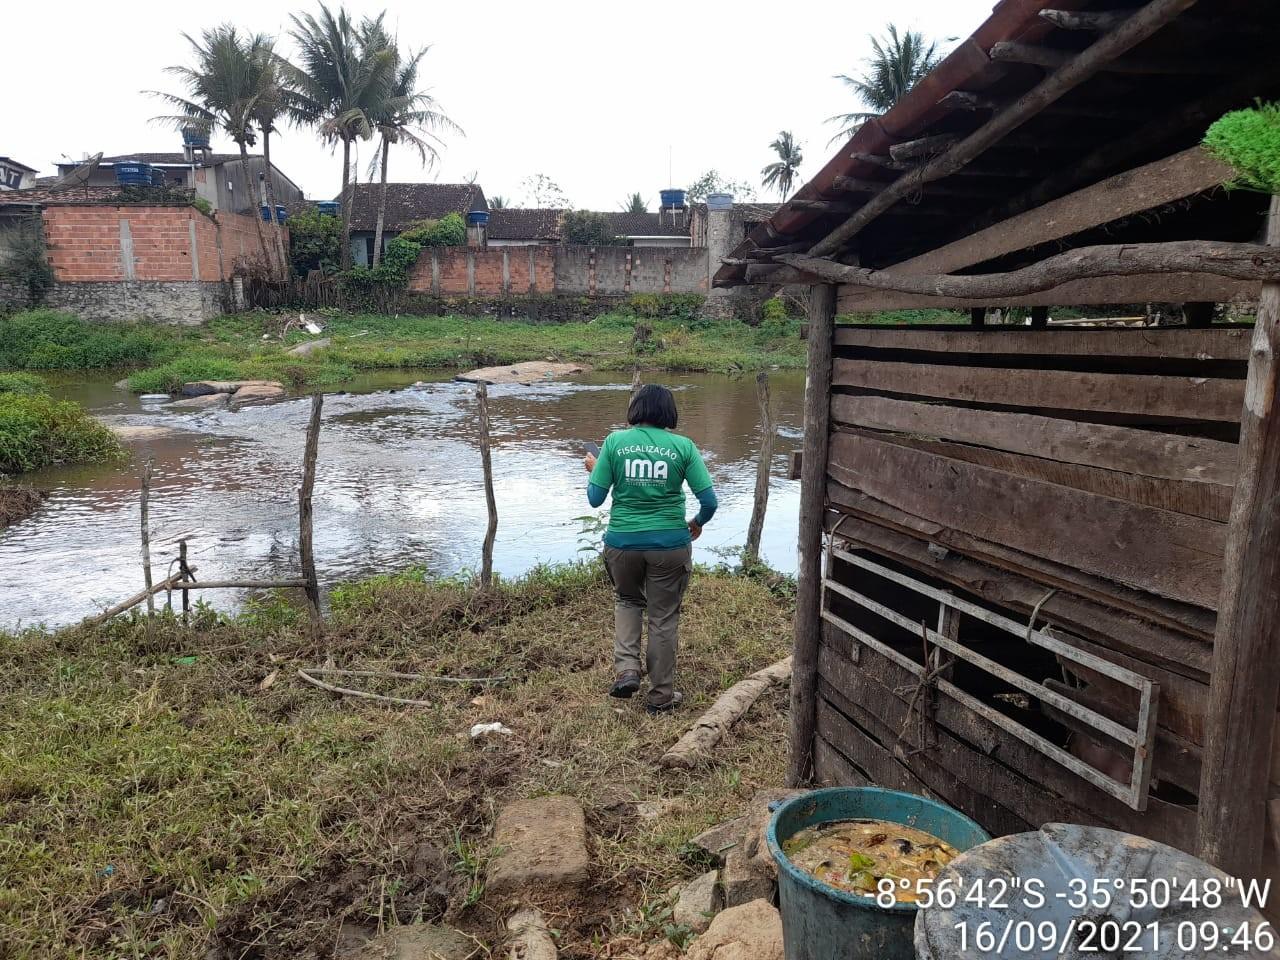 Operação do IMA apreende espingardas e recupera animais silvestres em 3 municípios de AL